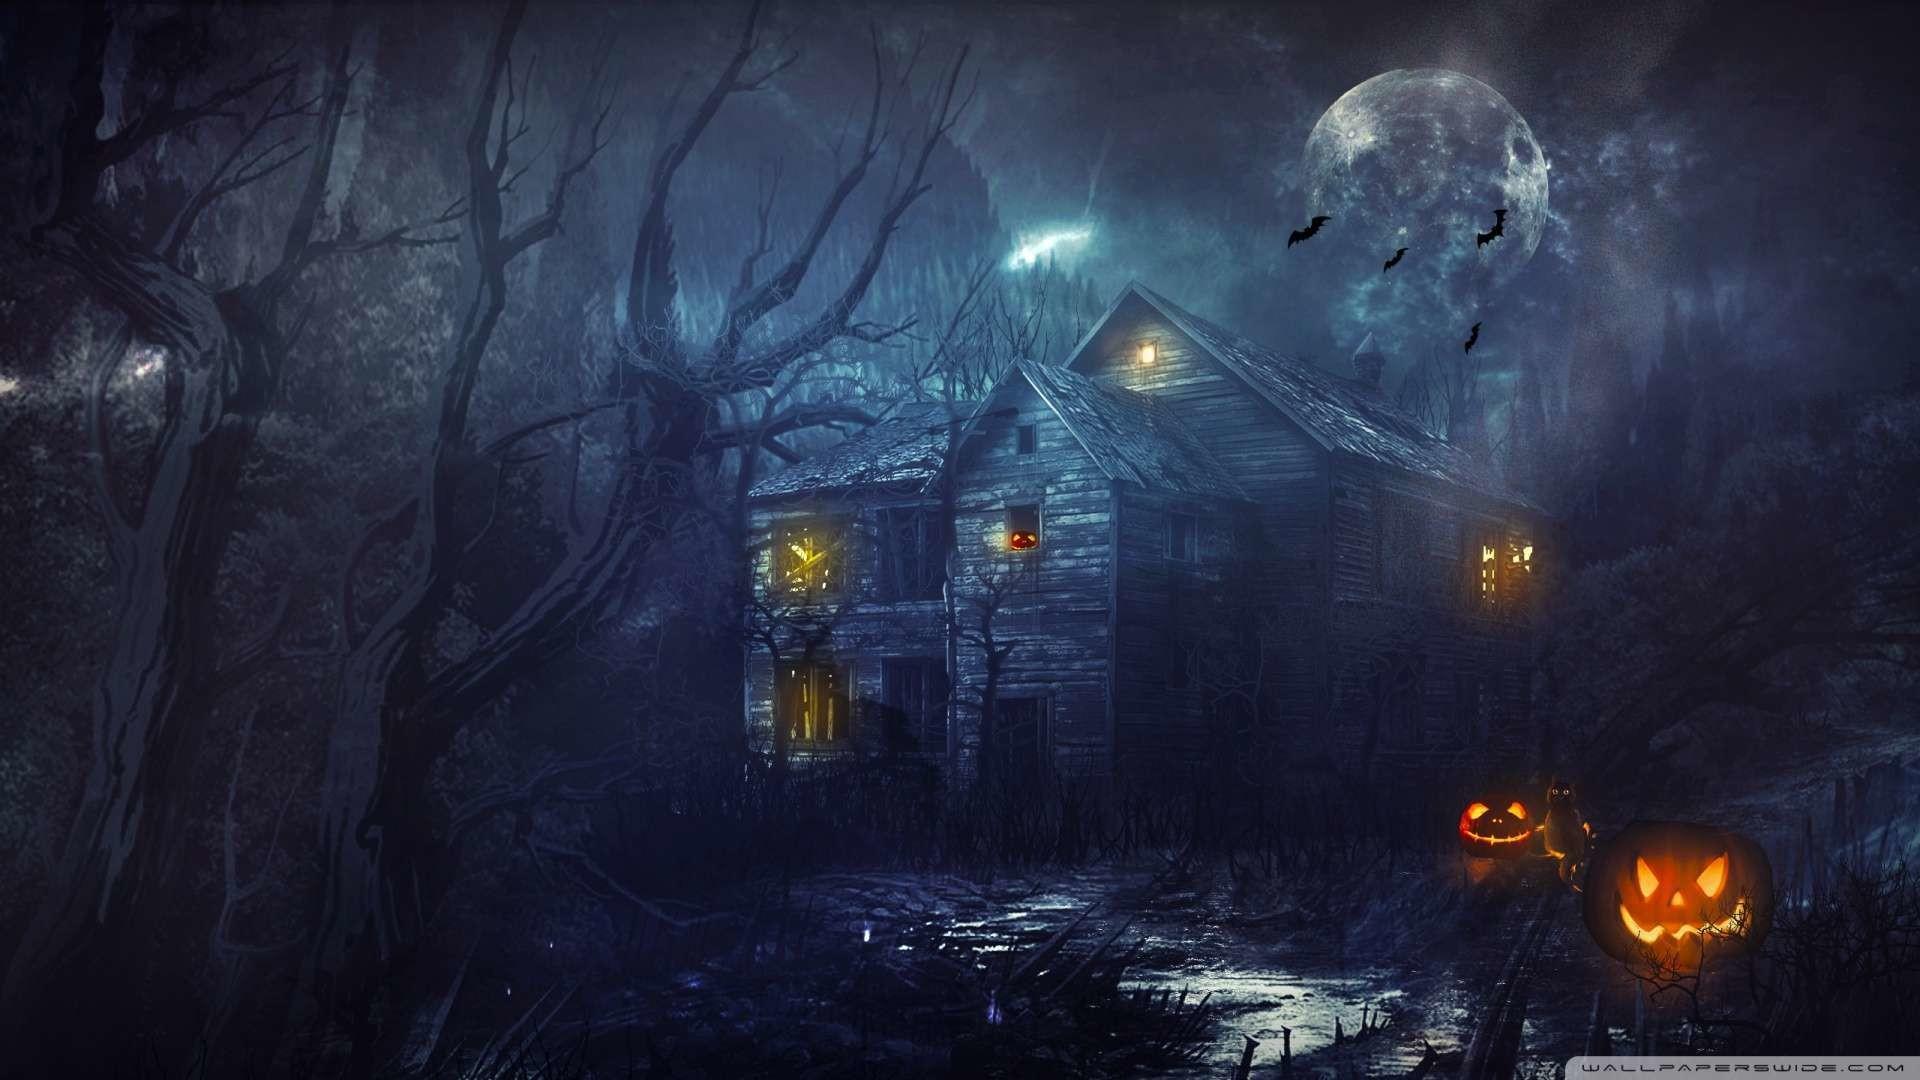 Halloween Images Wallpapers halloween-background-3-wallpaper-1080p-HD